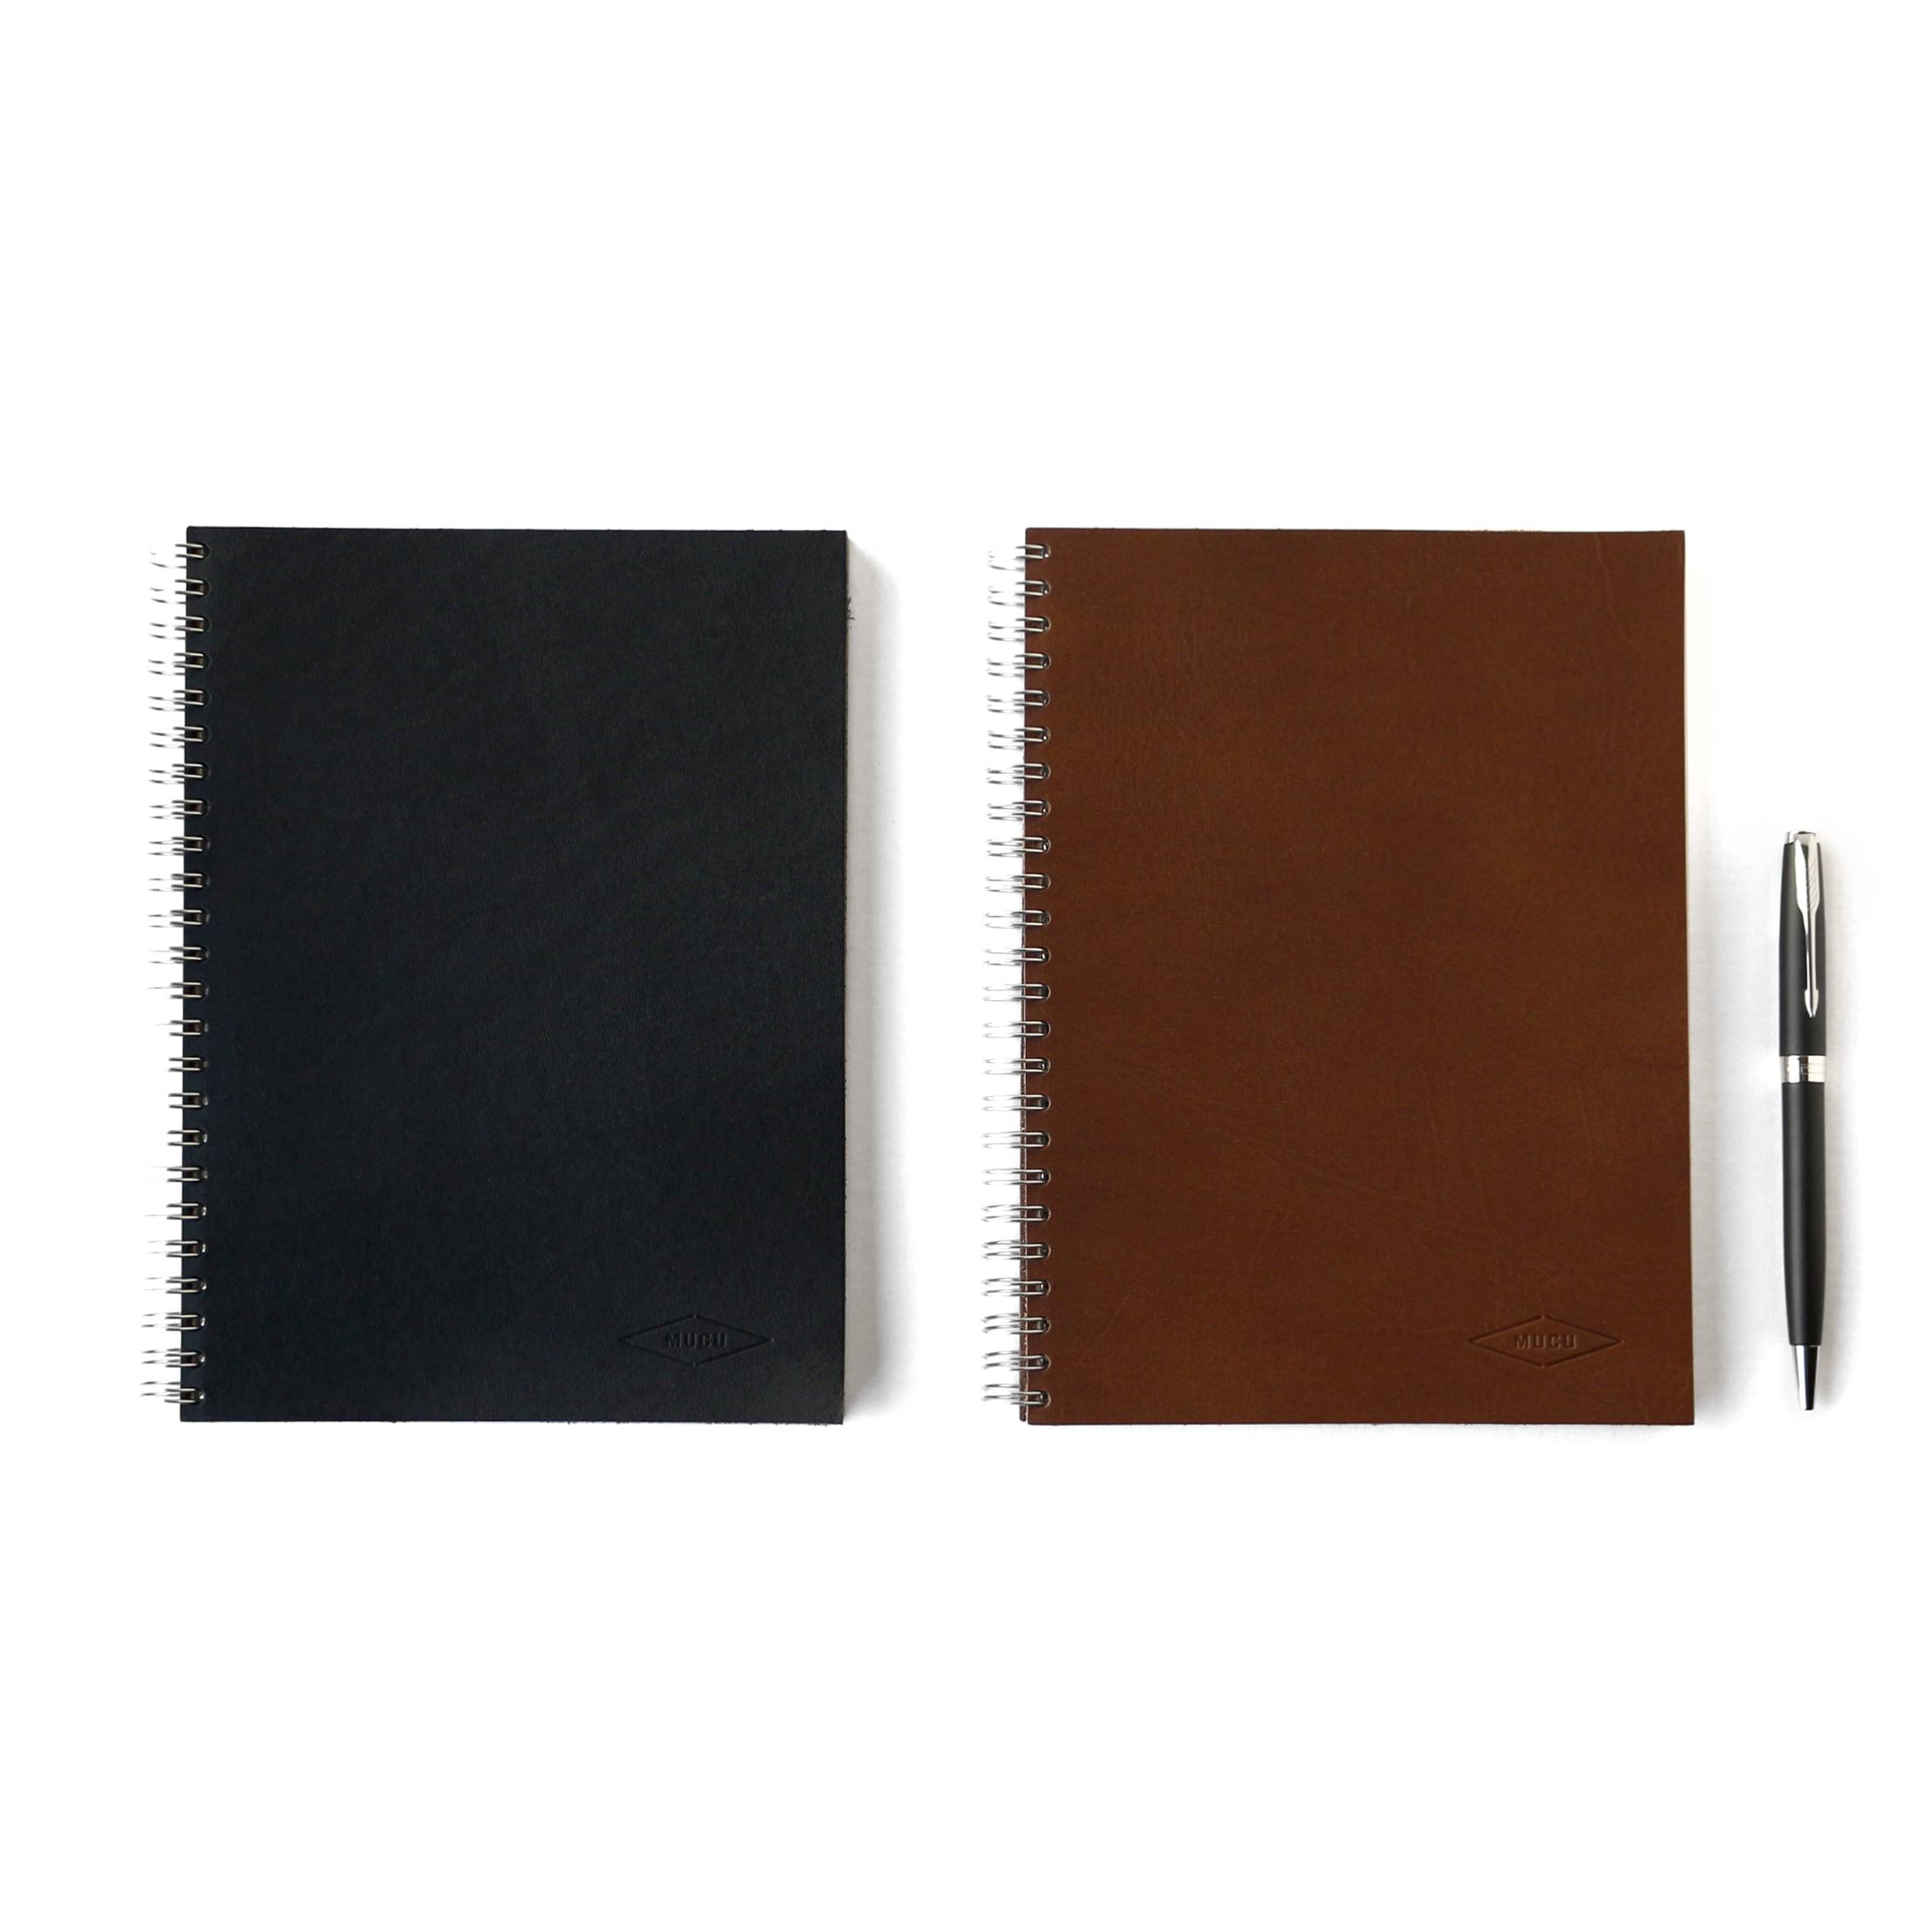 MUCU Leather Ringnote Lサイズ